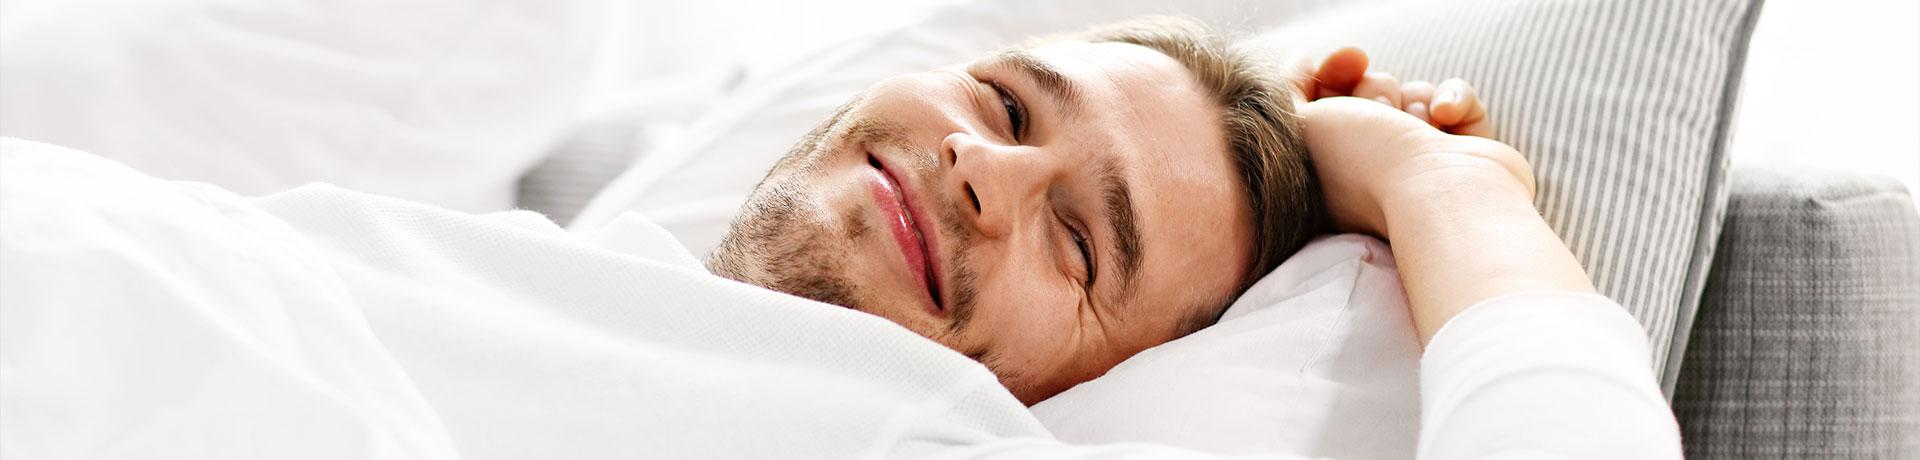 Mann wacht lächelnd auf im Bett